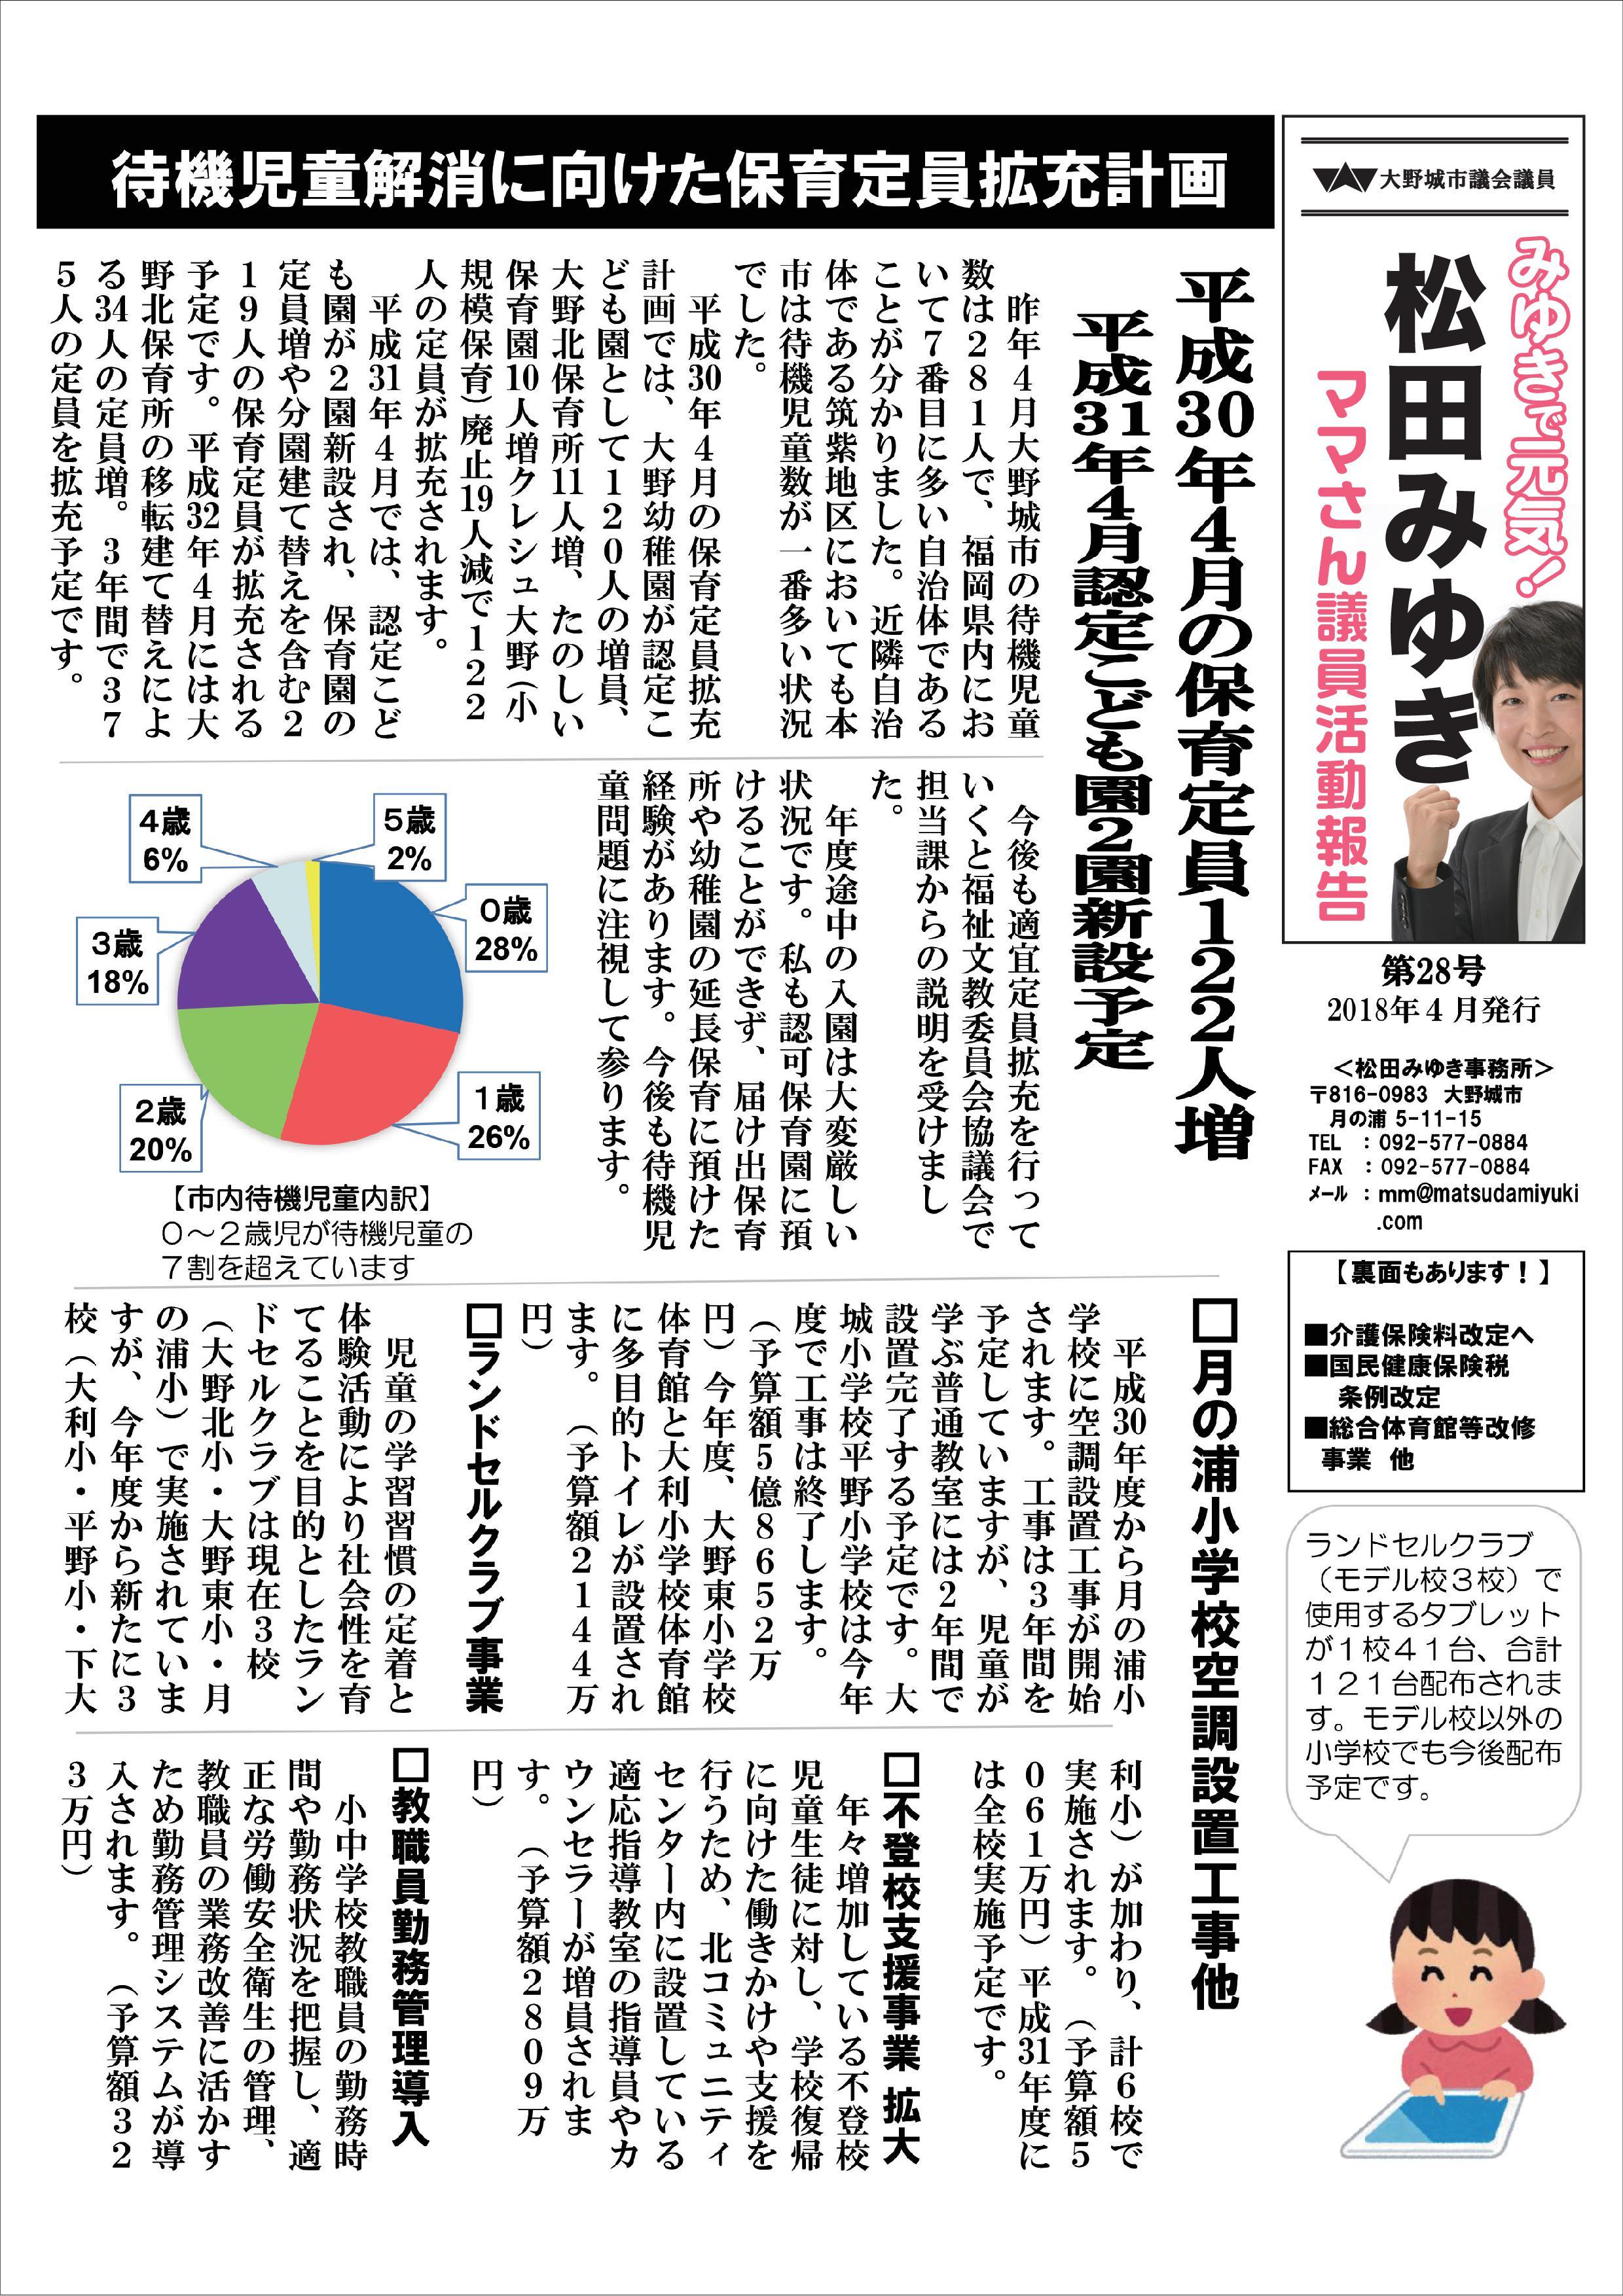 大野城市議会議員 松田みゆき 市政報告 第28号 01